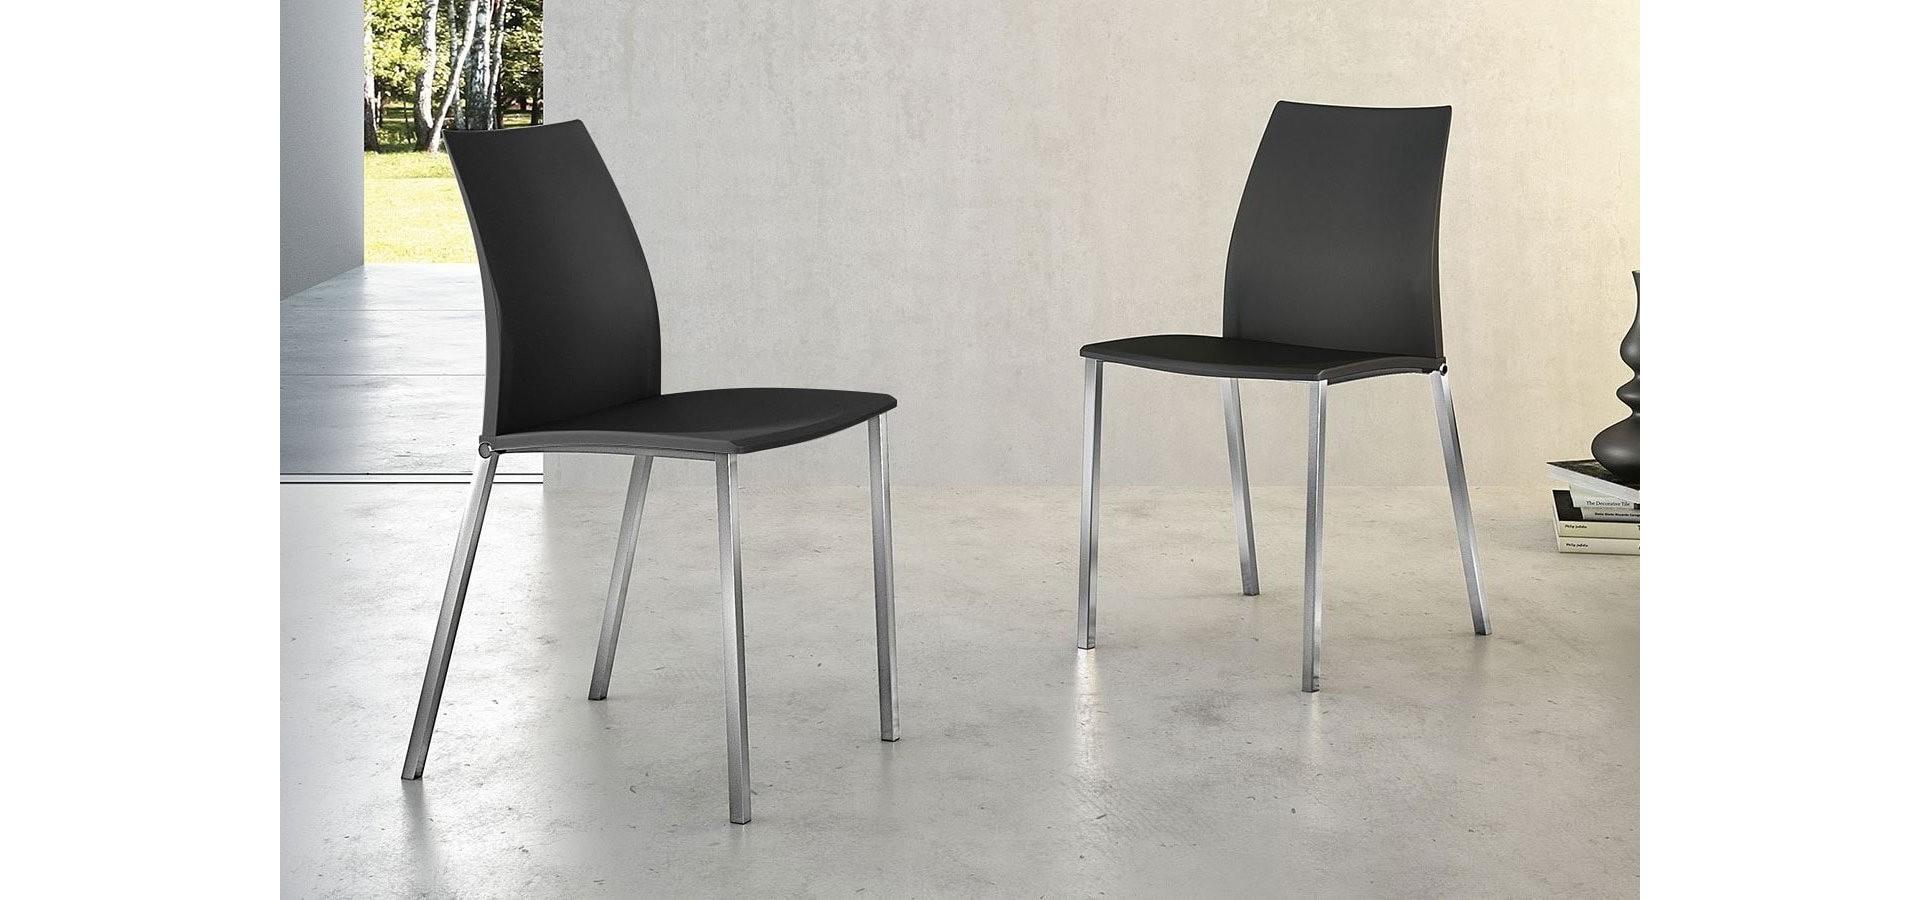 Итальянский стул Стул Zara черный | ARREDO3